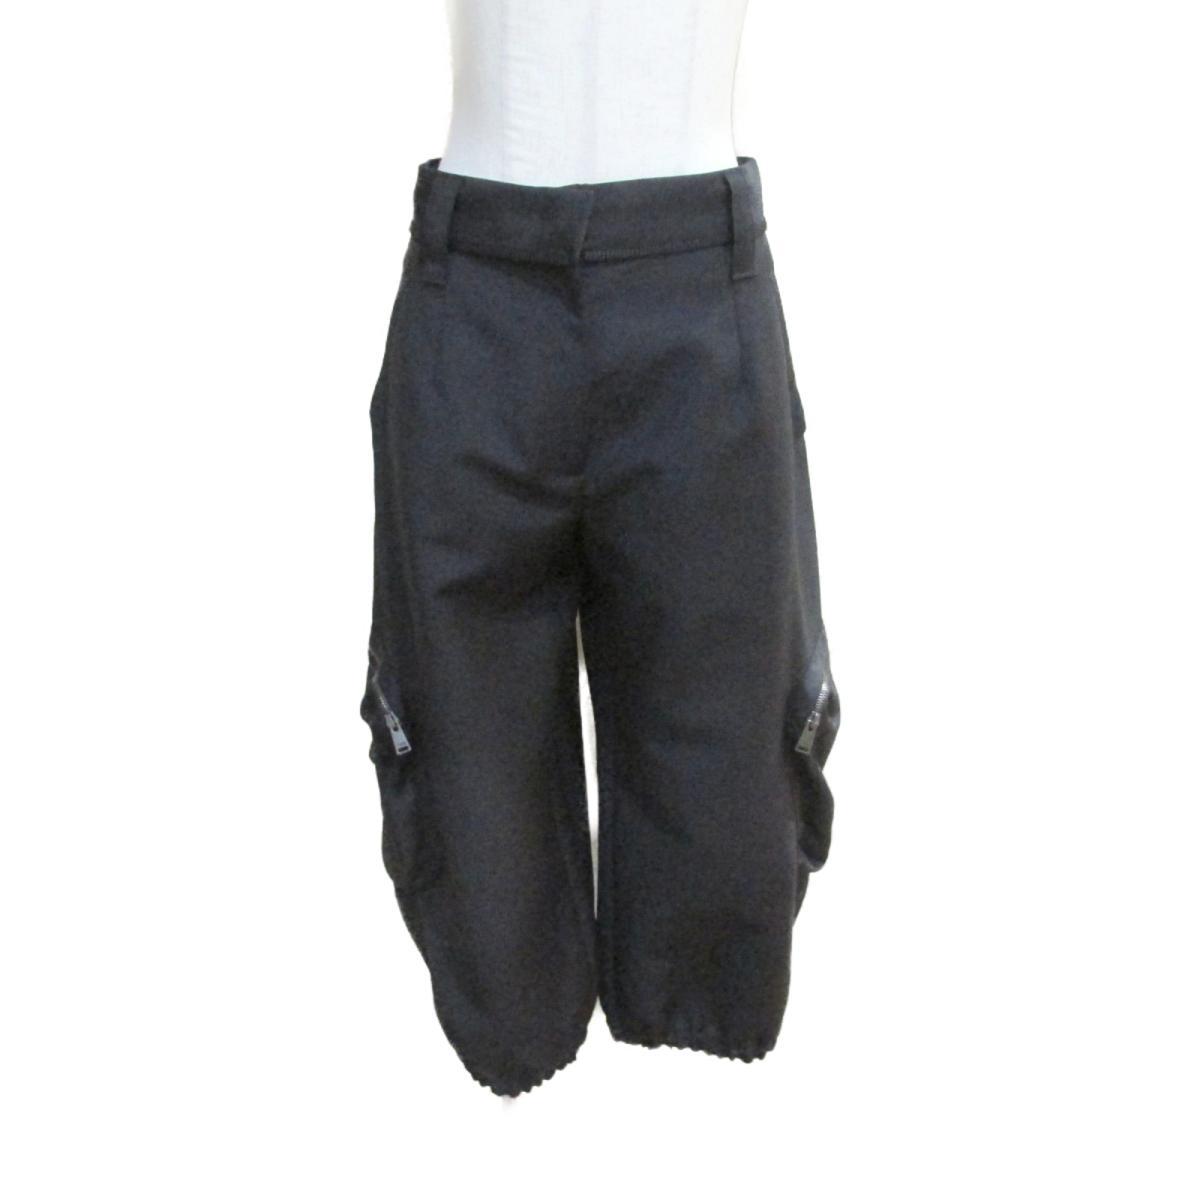 【中古】 フェンディ パンツ レディース モヘヤ (60%) x ウール (40%) ブラック (FR6092-5SC) | FENDI BRANDOFF ブランドオフ 衣料品 衣類 ブランド ボトムス